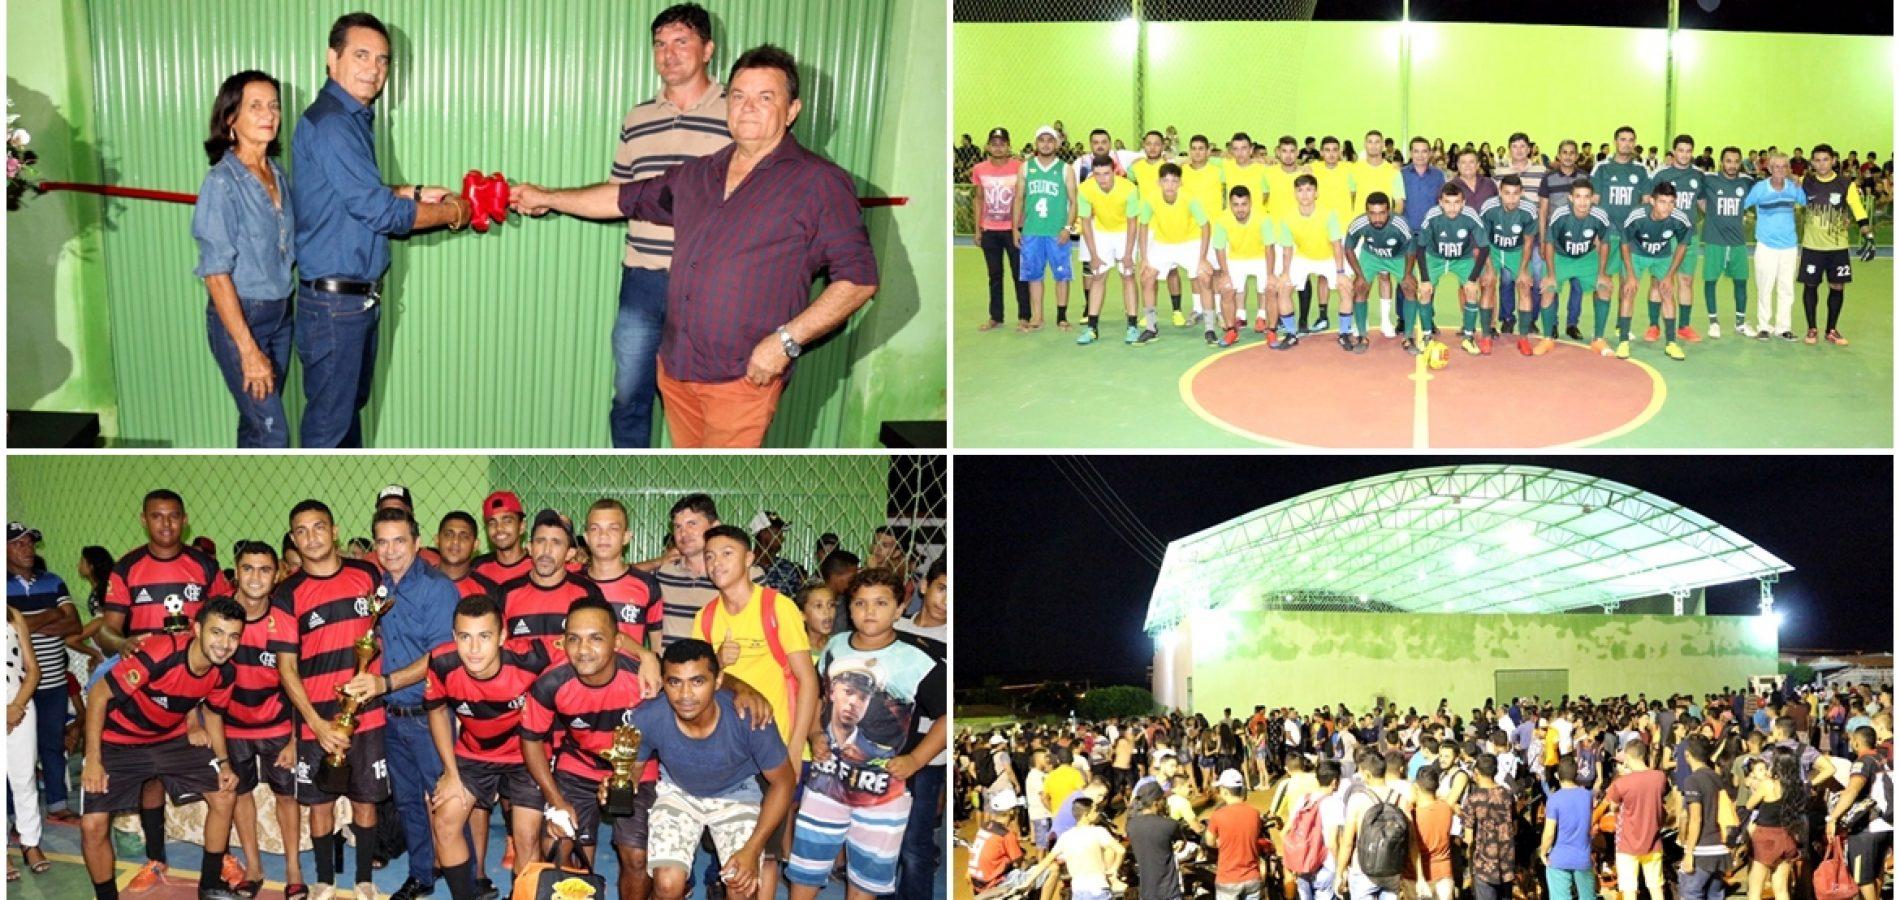 Ampla reforma de ginásio garante espaço para prática esportiva em Geminiano